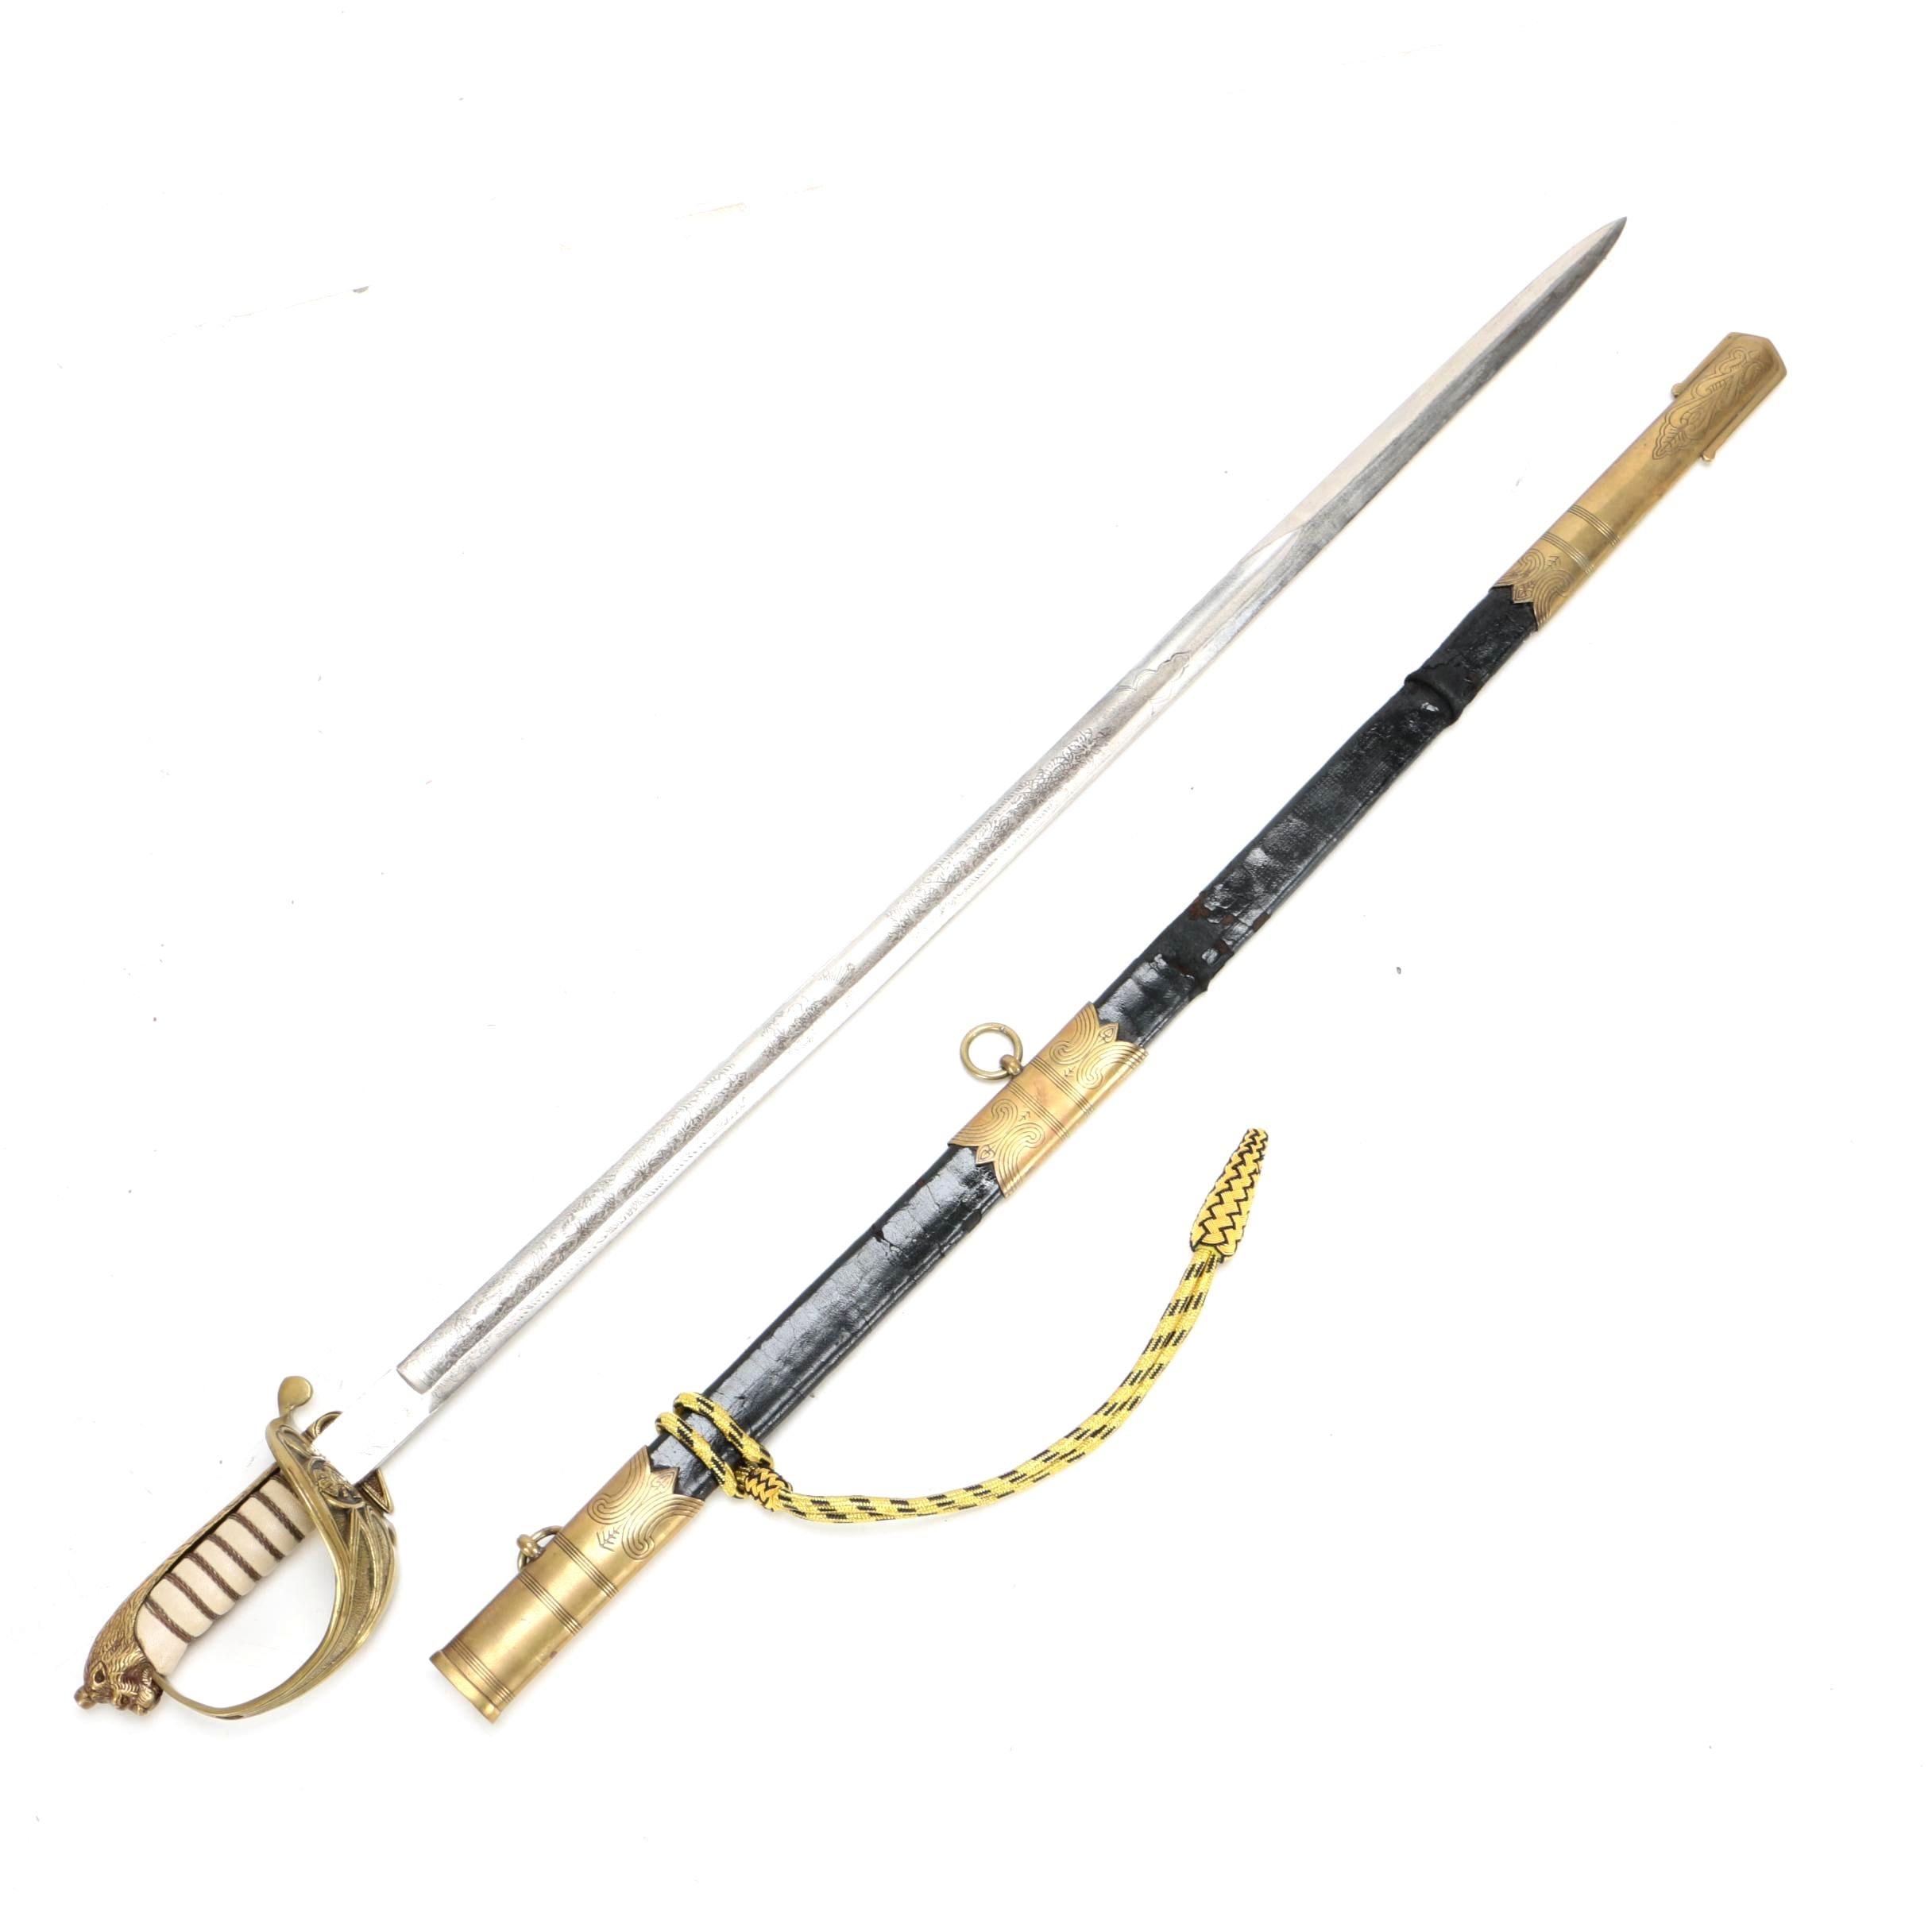 Vintage British Royal Naval Officer's Sword